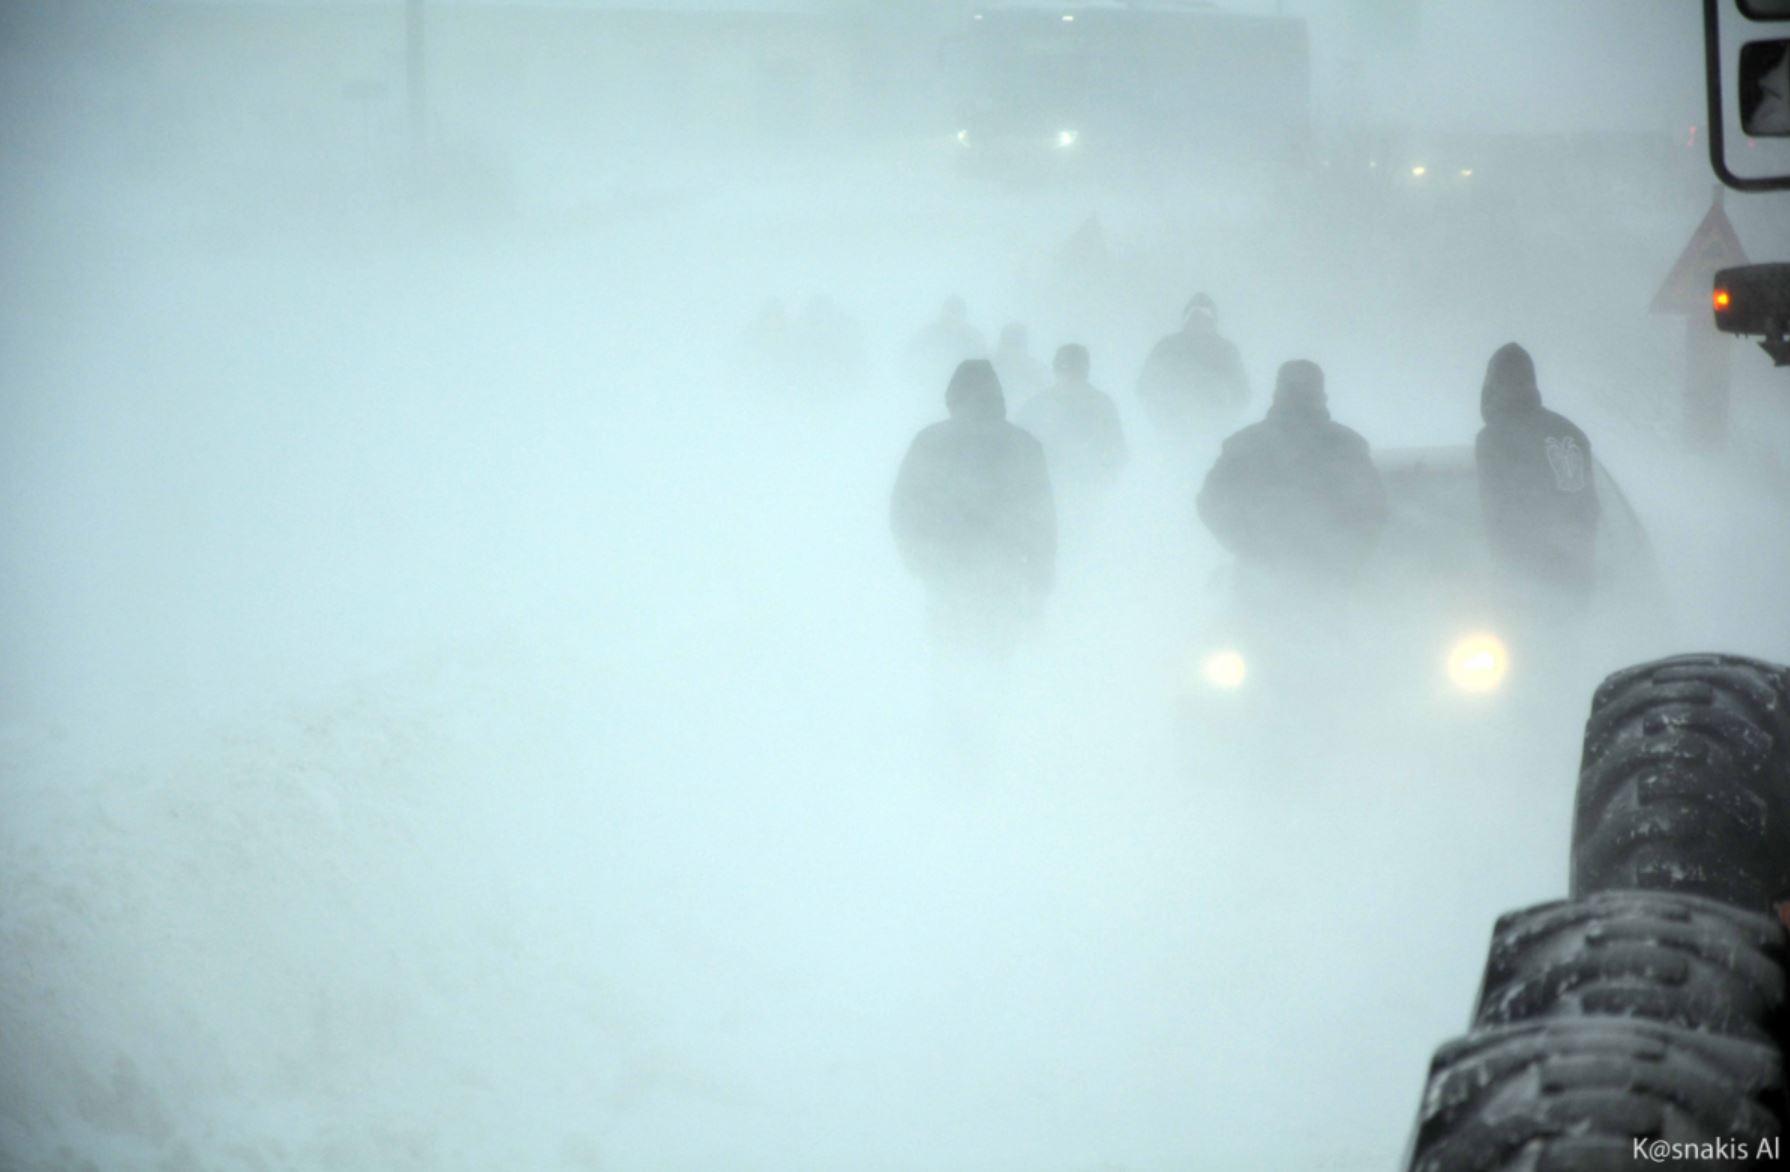 """kozan.gr: Επιβάτες – εργαζόμενοι στα ορυχεία της ΔΕΗ, απεγκλωβίζουν με τα χέρια τους , ΙΧ αυτοκίνητο, που """"έμεινε"""" στα χιόνια (Φωτογραφίες)"""